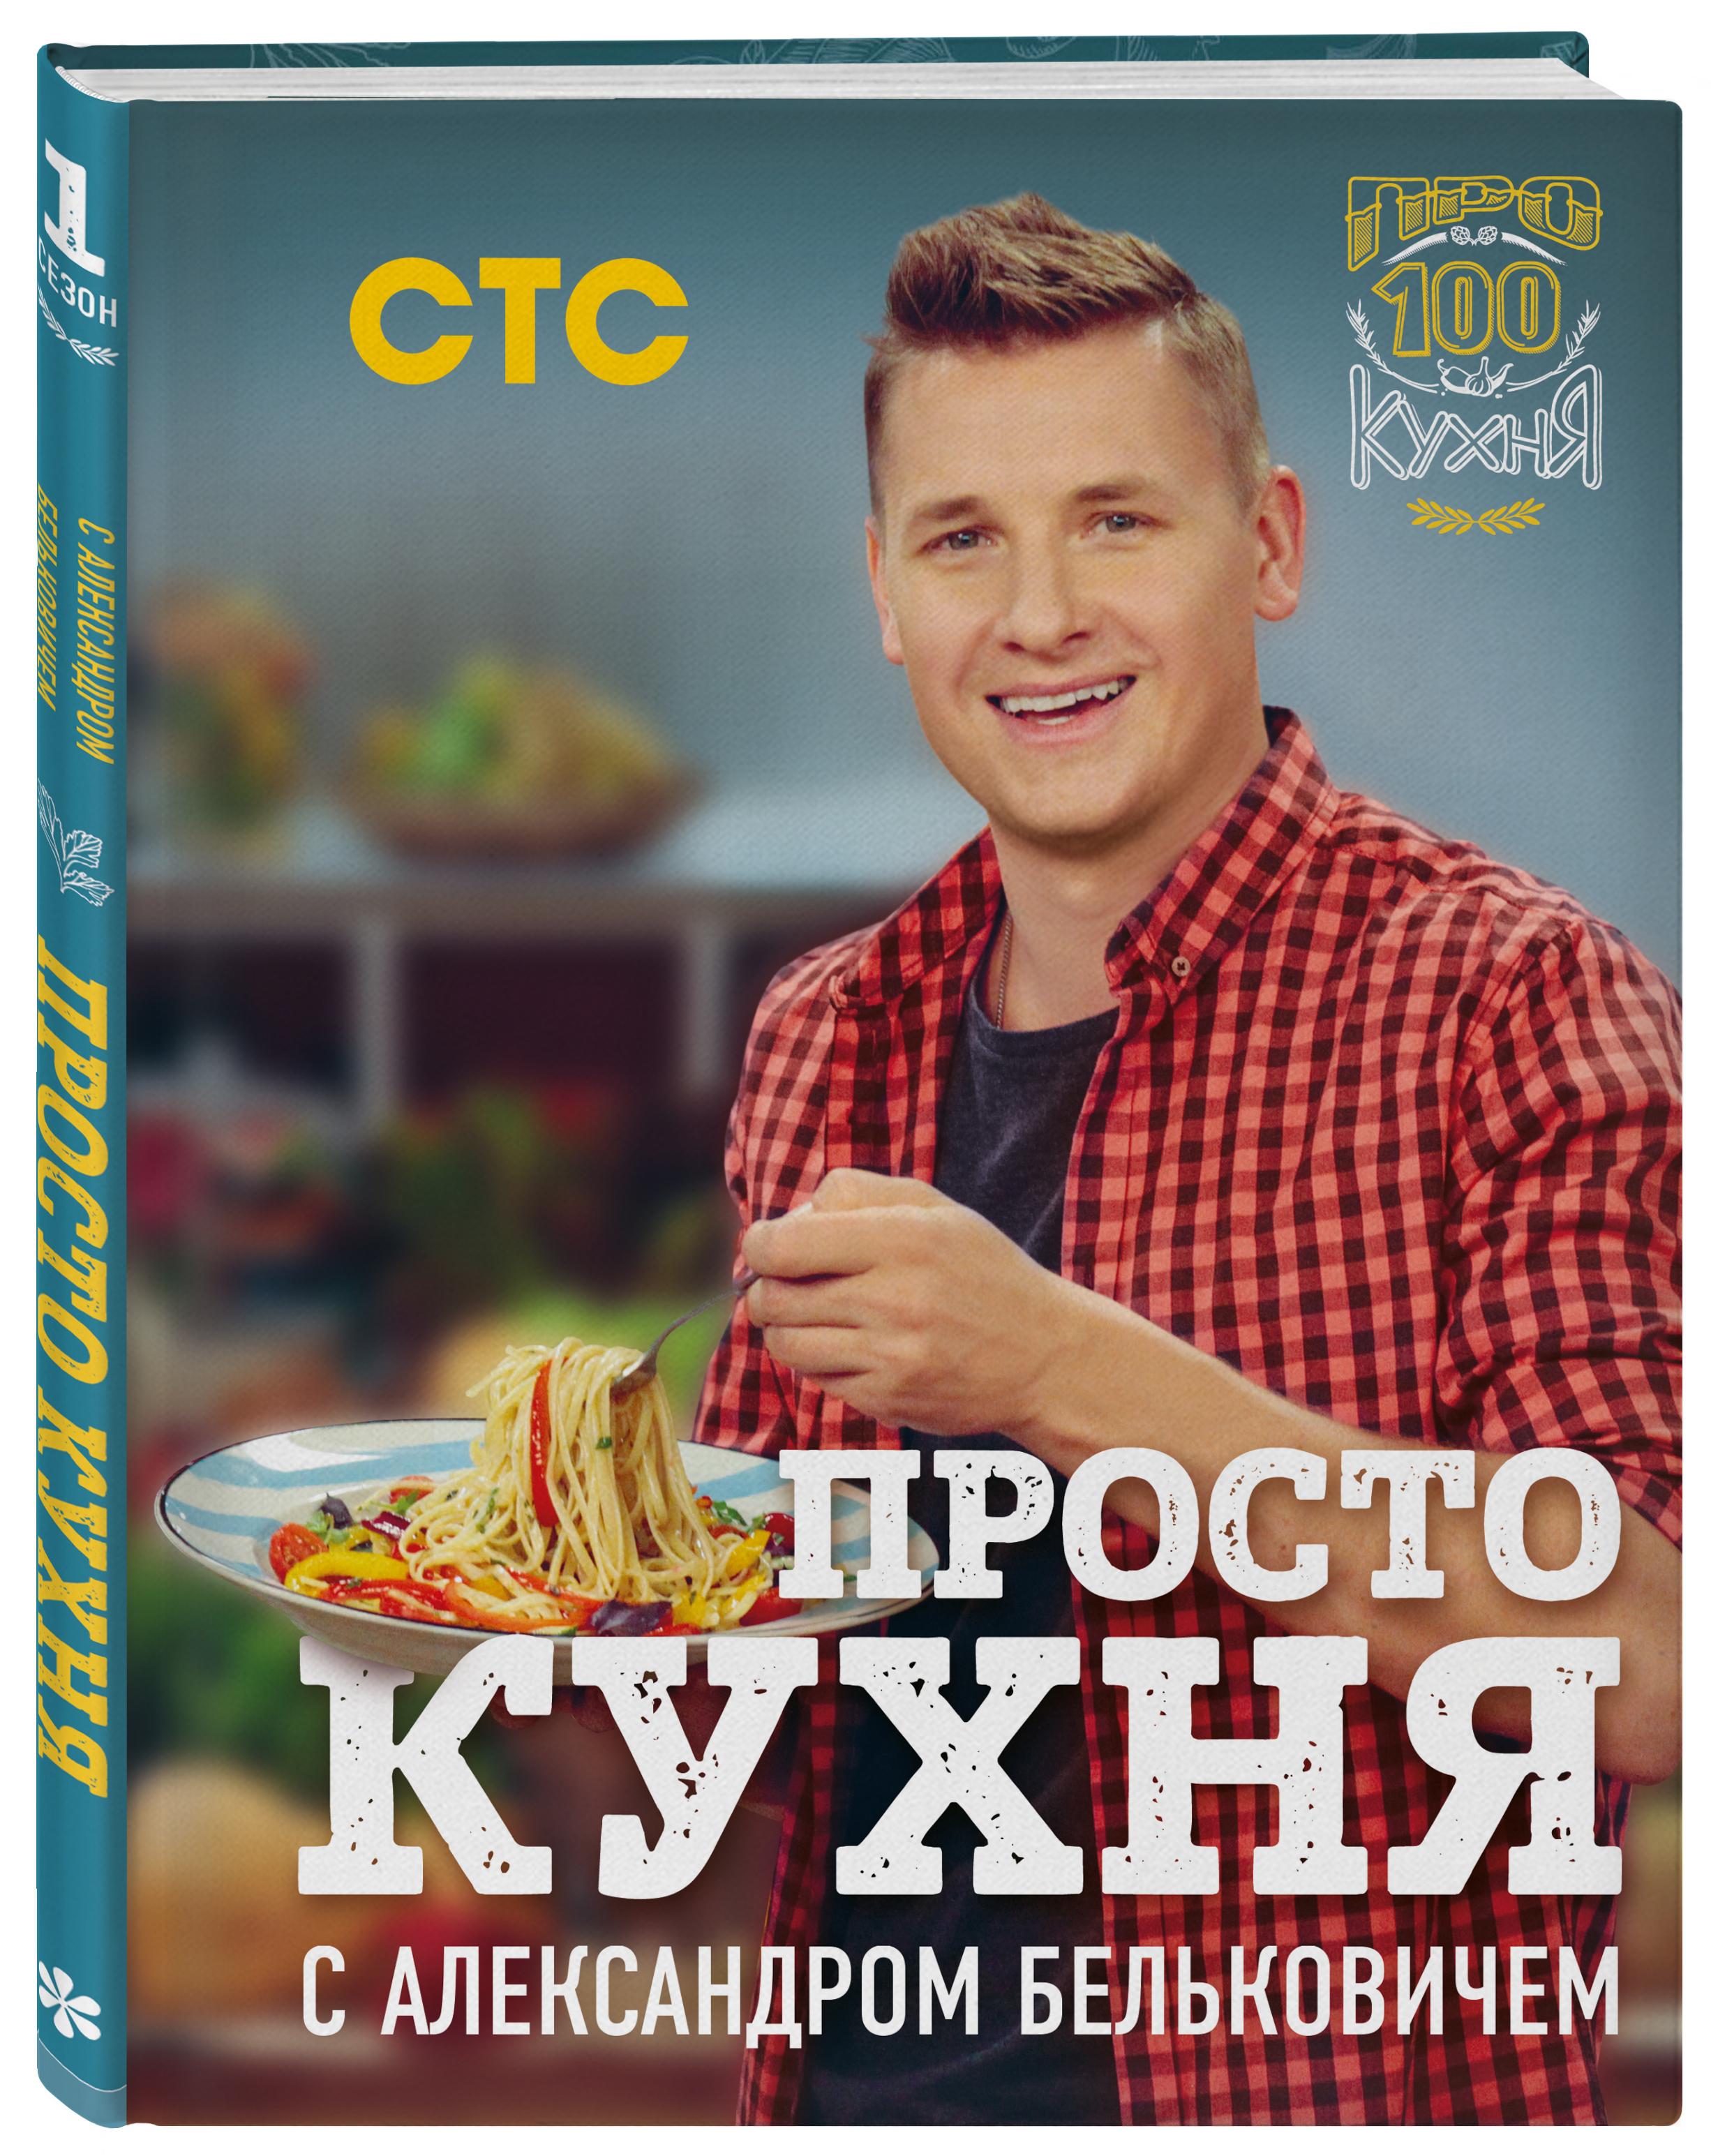 Просто кухня выпуск от 30.05.2020